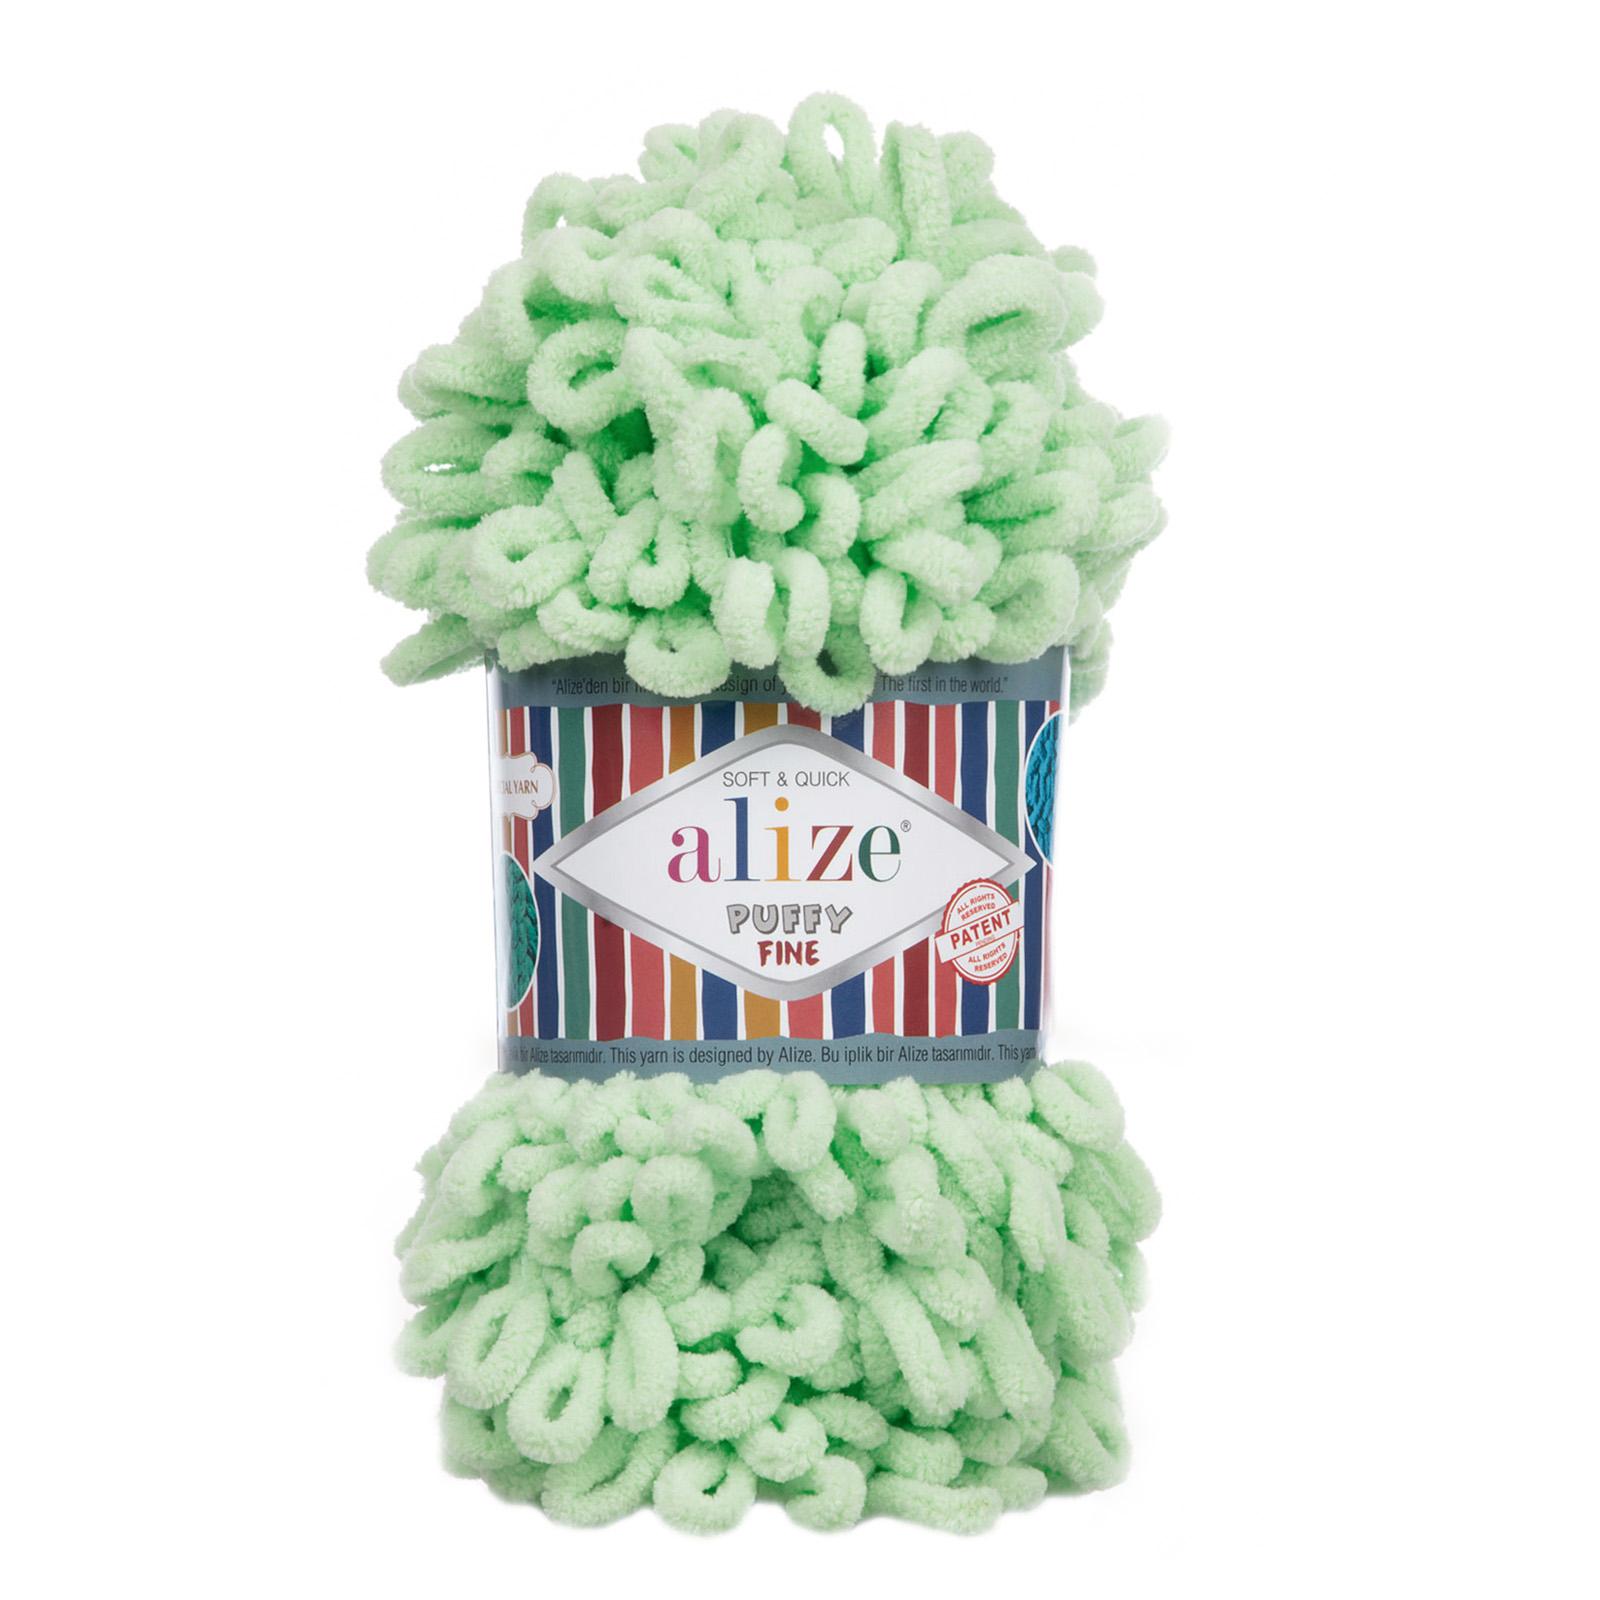 500g Strickgarn ALIZE Puffy Fine Uni, stricken ohne Nadeln auch für Anfänger geeignet – Bild 7